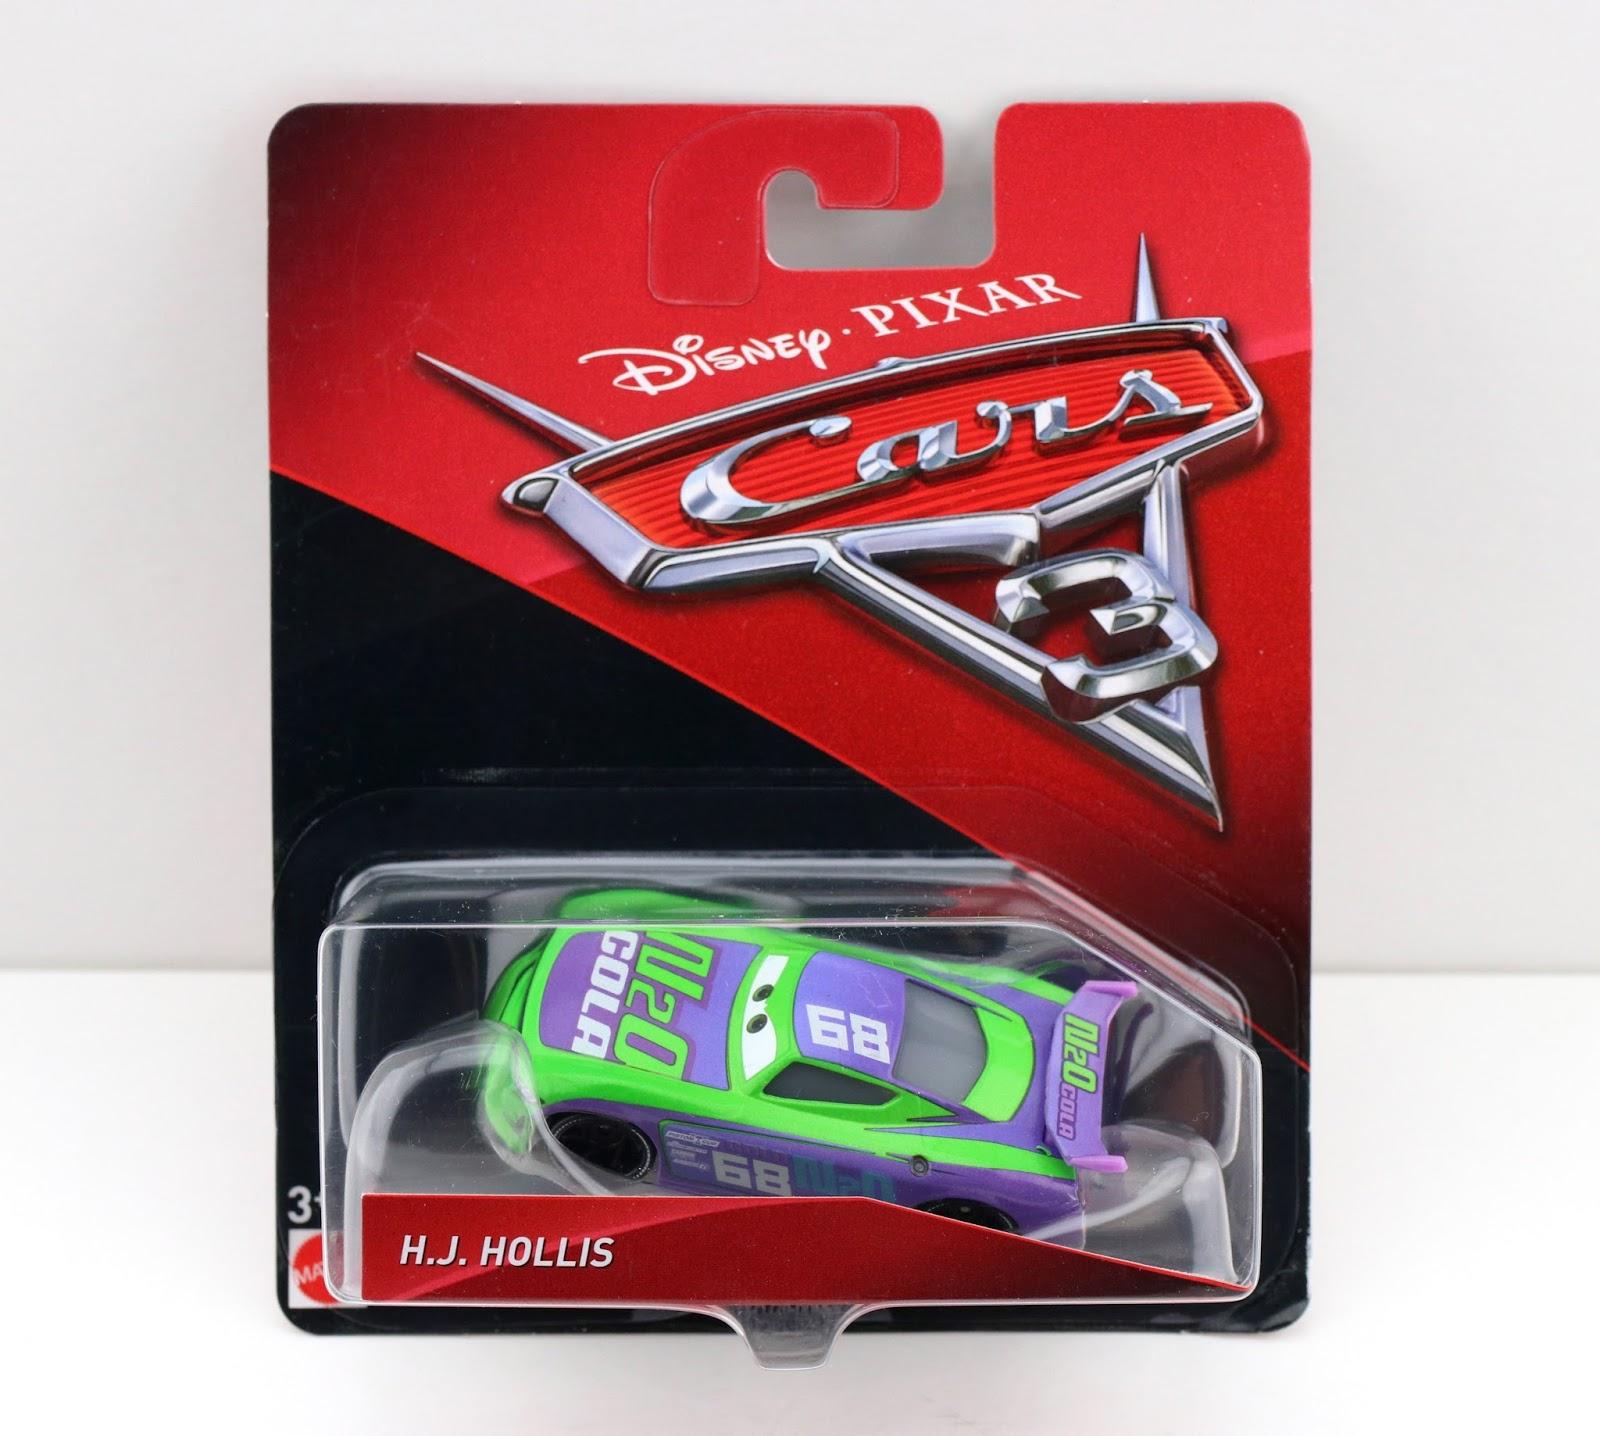 Cars 3 H.J. Hollis (N20 Cola) diecast